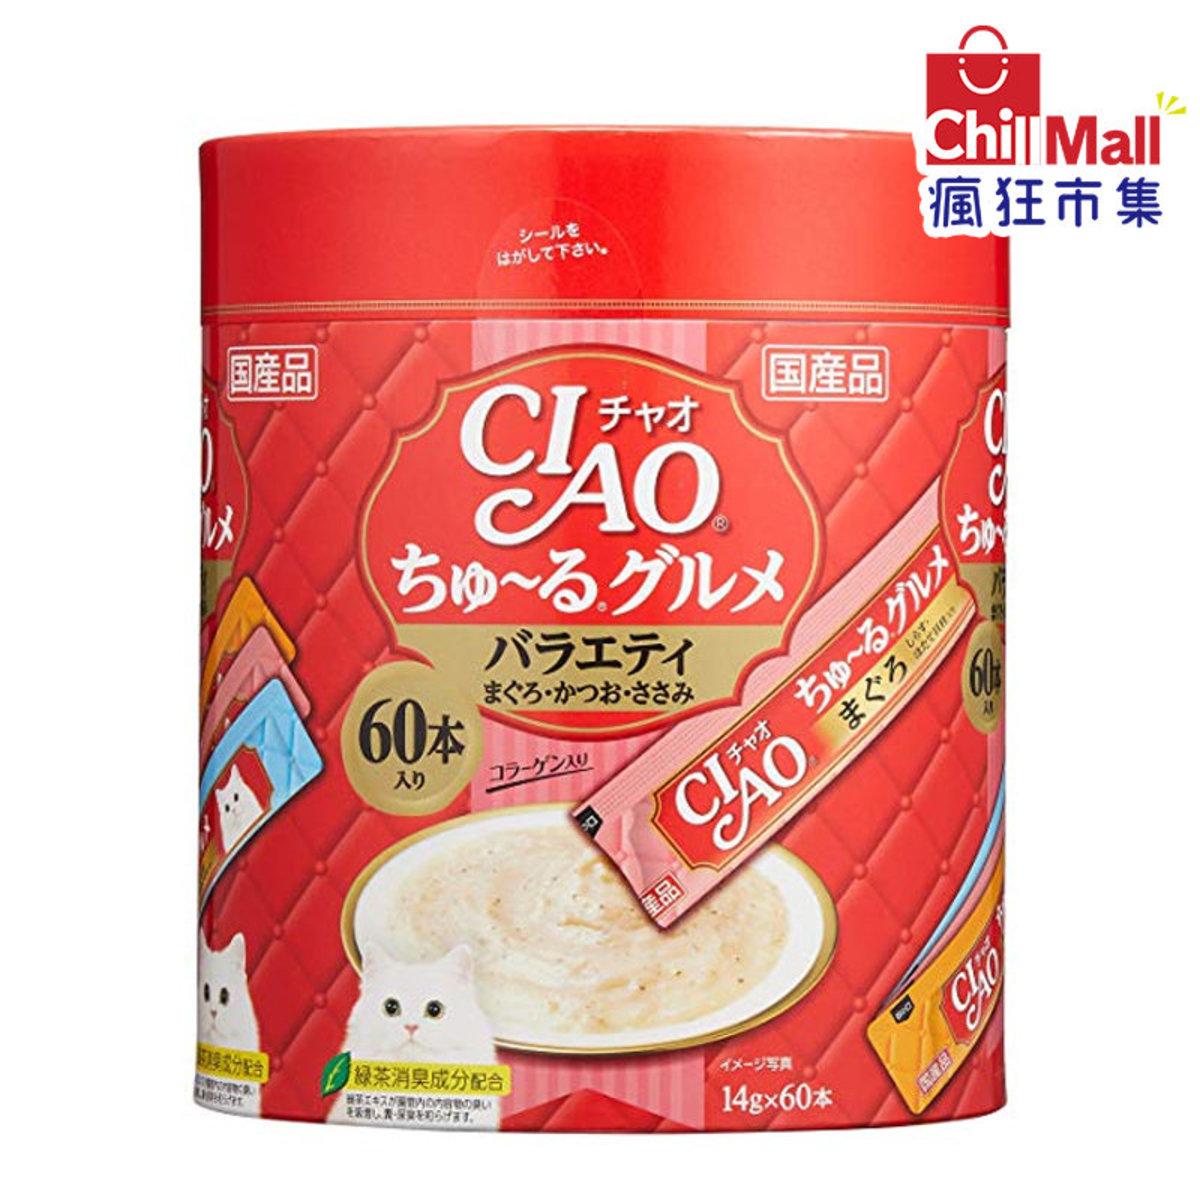 日本CIAO肉泥餐包 吞拿魚.鰹魚雞肉肉醬 14g SC-138 60本罐裝 (紅) 3718649